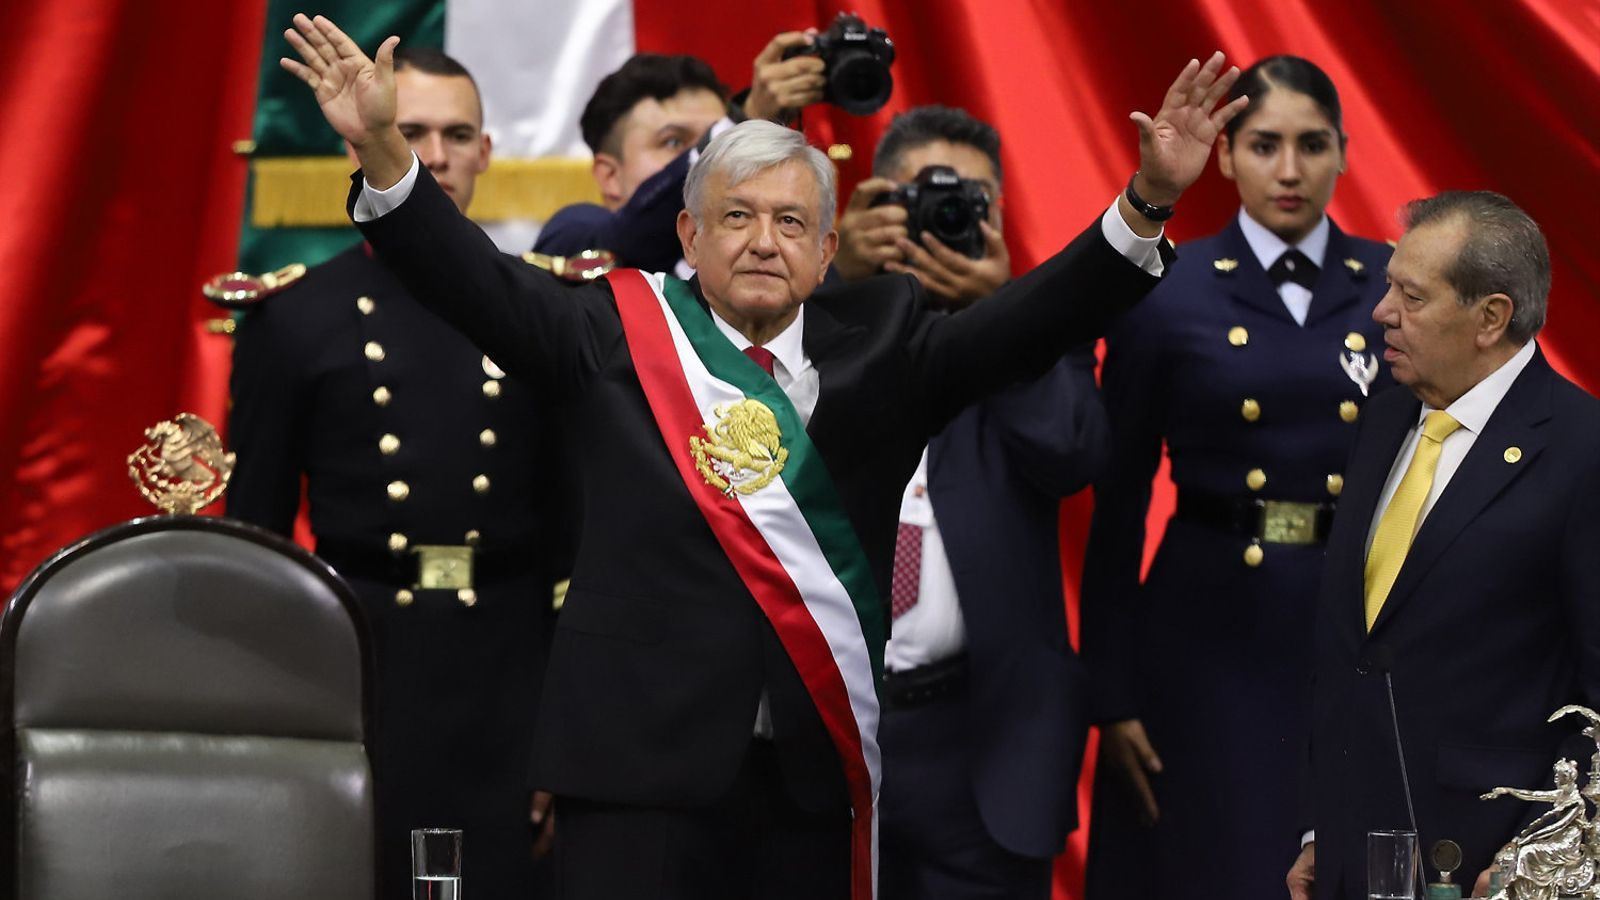 Mèxic inicia una nova era